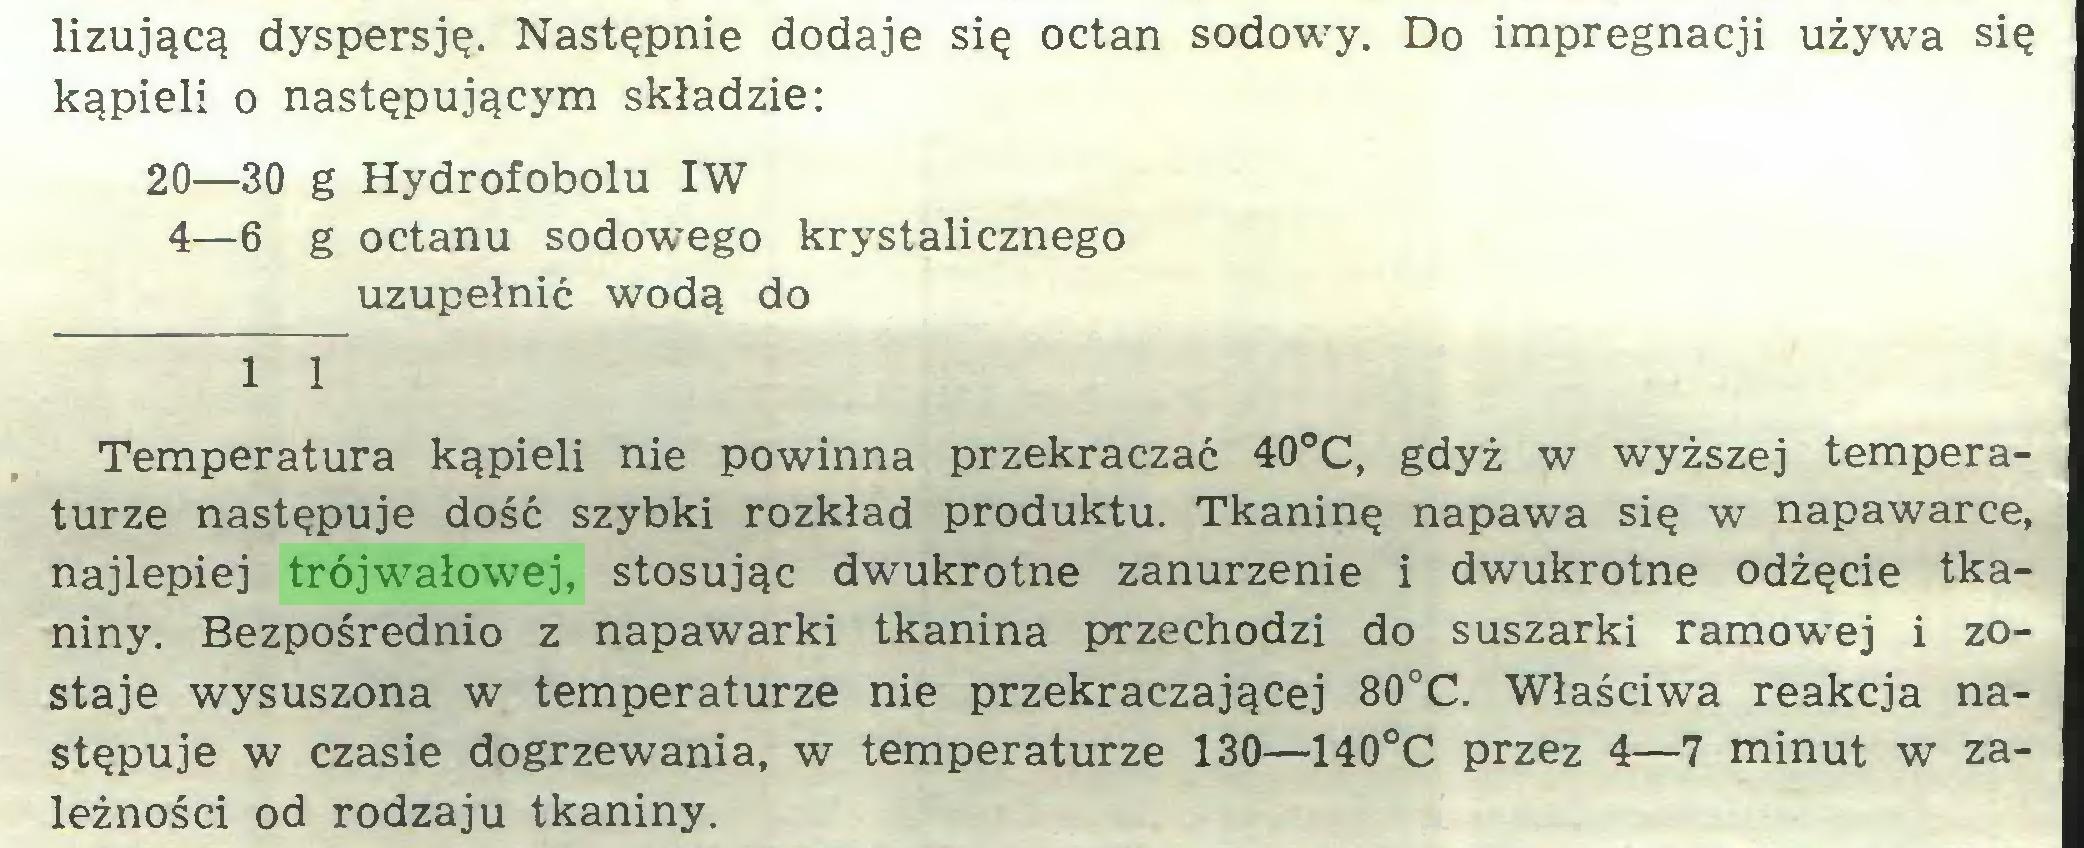 (...) lizującą dyspersję. Następnie dodaje się octan sodowy. Do impregnacji używa się kąpieli o następującym składzie: 20—30 g Hydrofobolu IW 4—6 g octanu sodowego krystalicznego uzupełnić wodą do 1 1 Temperatura kąpieli nie powinna przekraczać 40°C, gdyż w wyższej temperaturze następuje dość szybki rozkład produktu. Tkaninę napawa się w napawarce, najlepiej trójwałowej, stosując dwukrotne zanurzenie i dwukrotne odżęcie tkaniny. Bezpośrednio z napawarki tkanina przechodzi do suszarki ramowej i zostaje wysuszona w temperaturze nie przekraczającej 80°C. Właściwa reakcja następuje w czasie dogrzewania, w temperaturze 130—140°C przez 4—7 minut w zależności od rodzaju tkaniny...